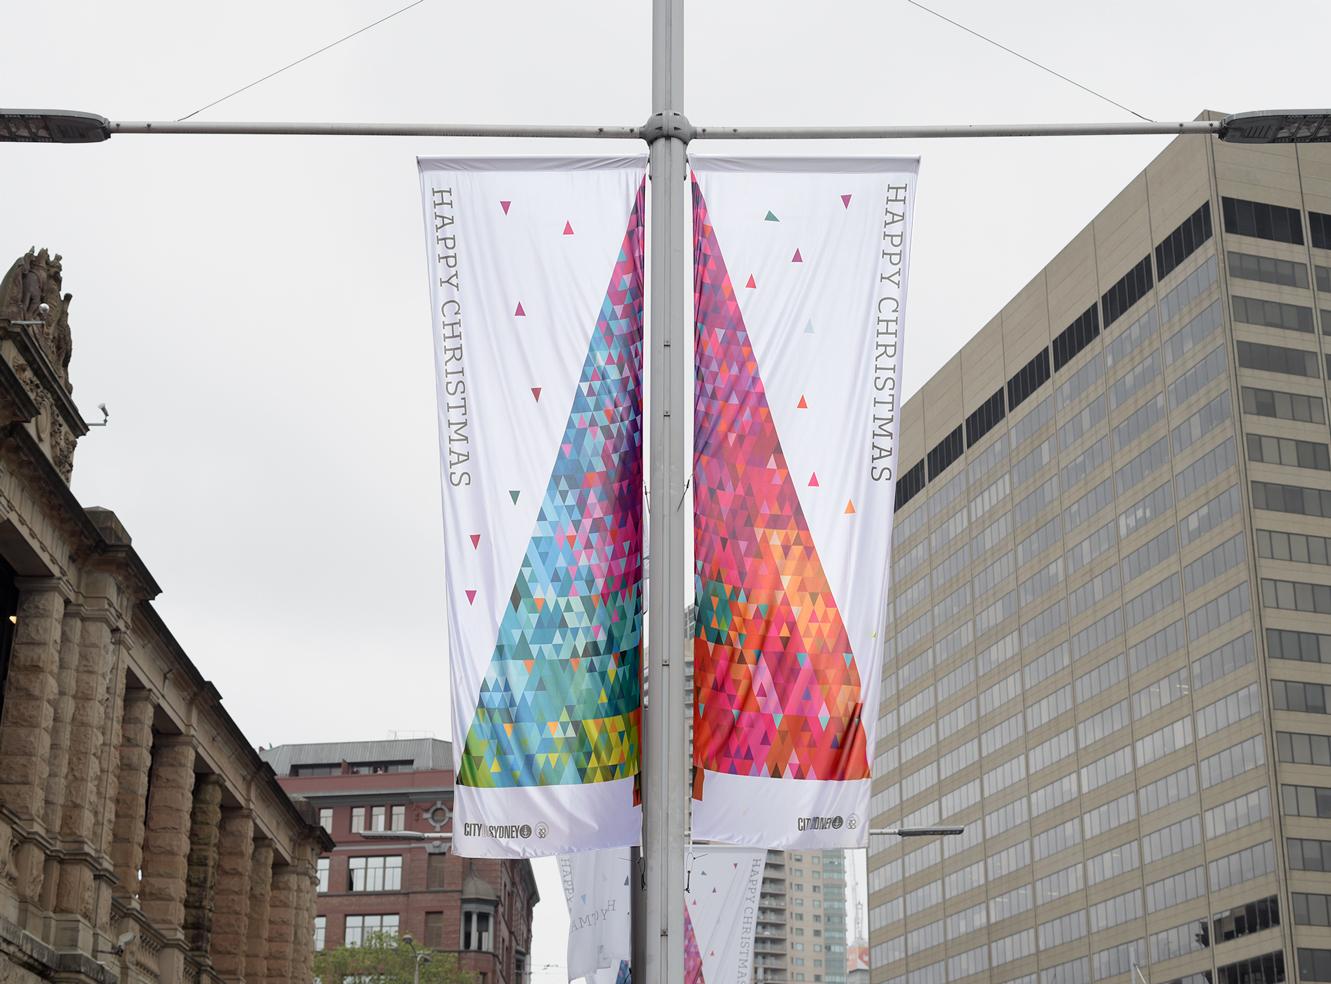 HOLT_COS_Christmas_Street Flag Eddy Ave